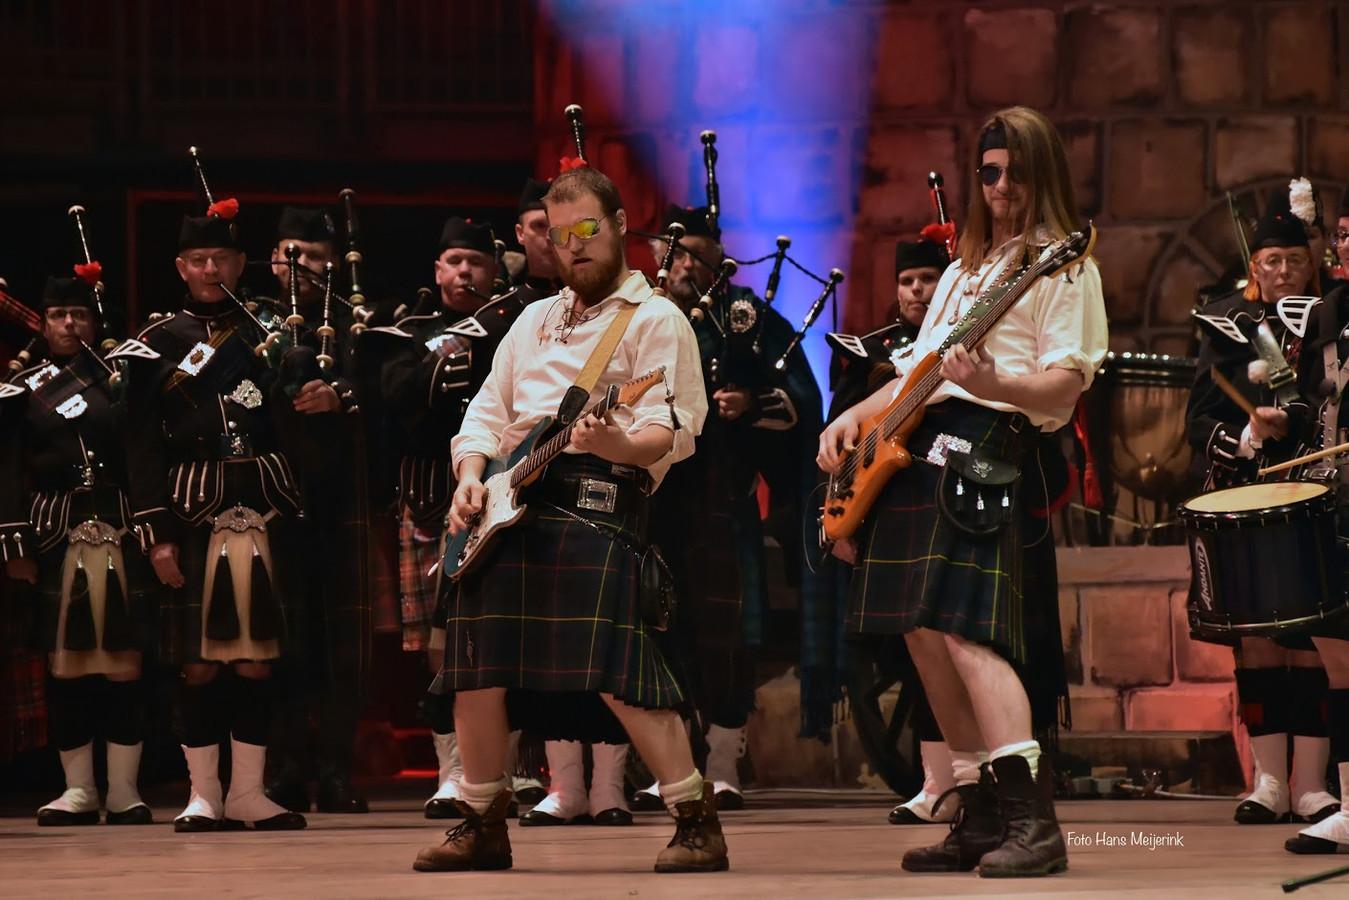 Music Show Scotland